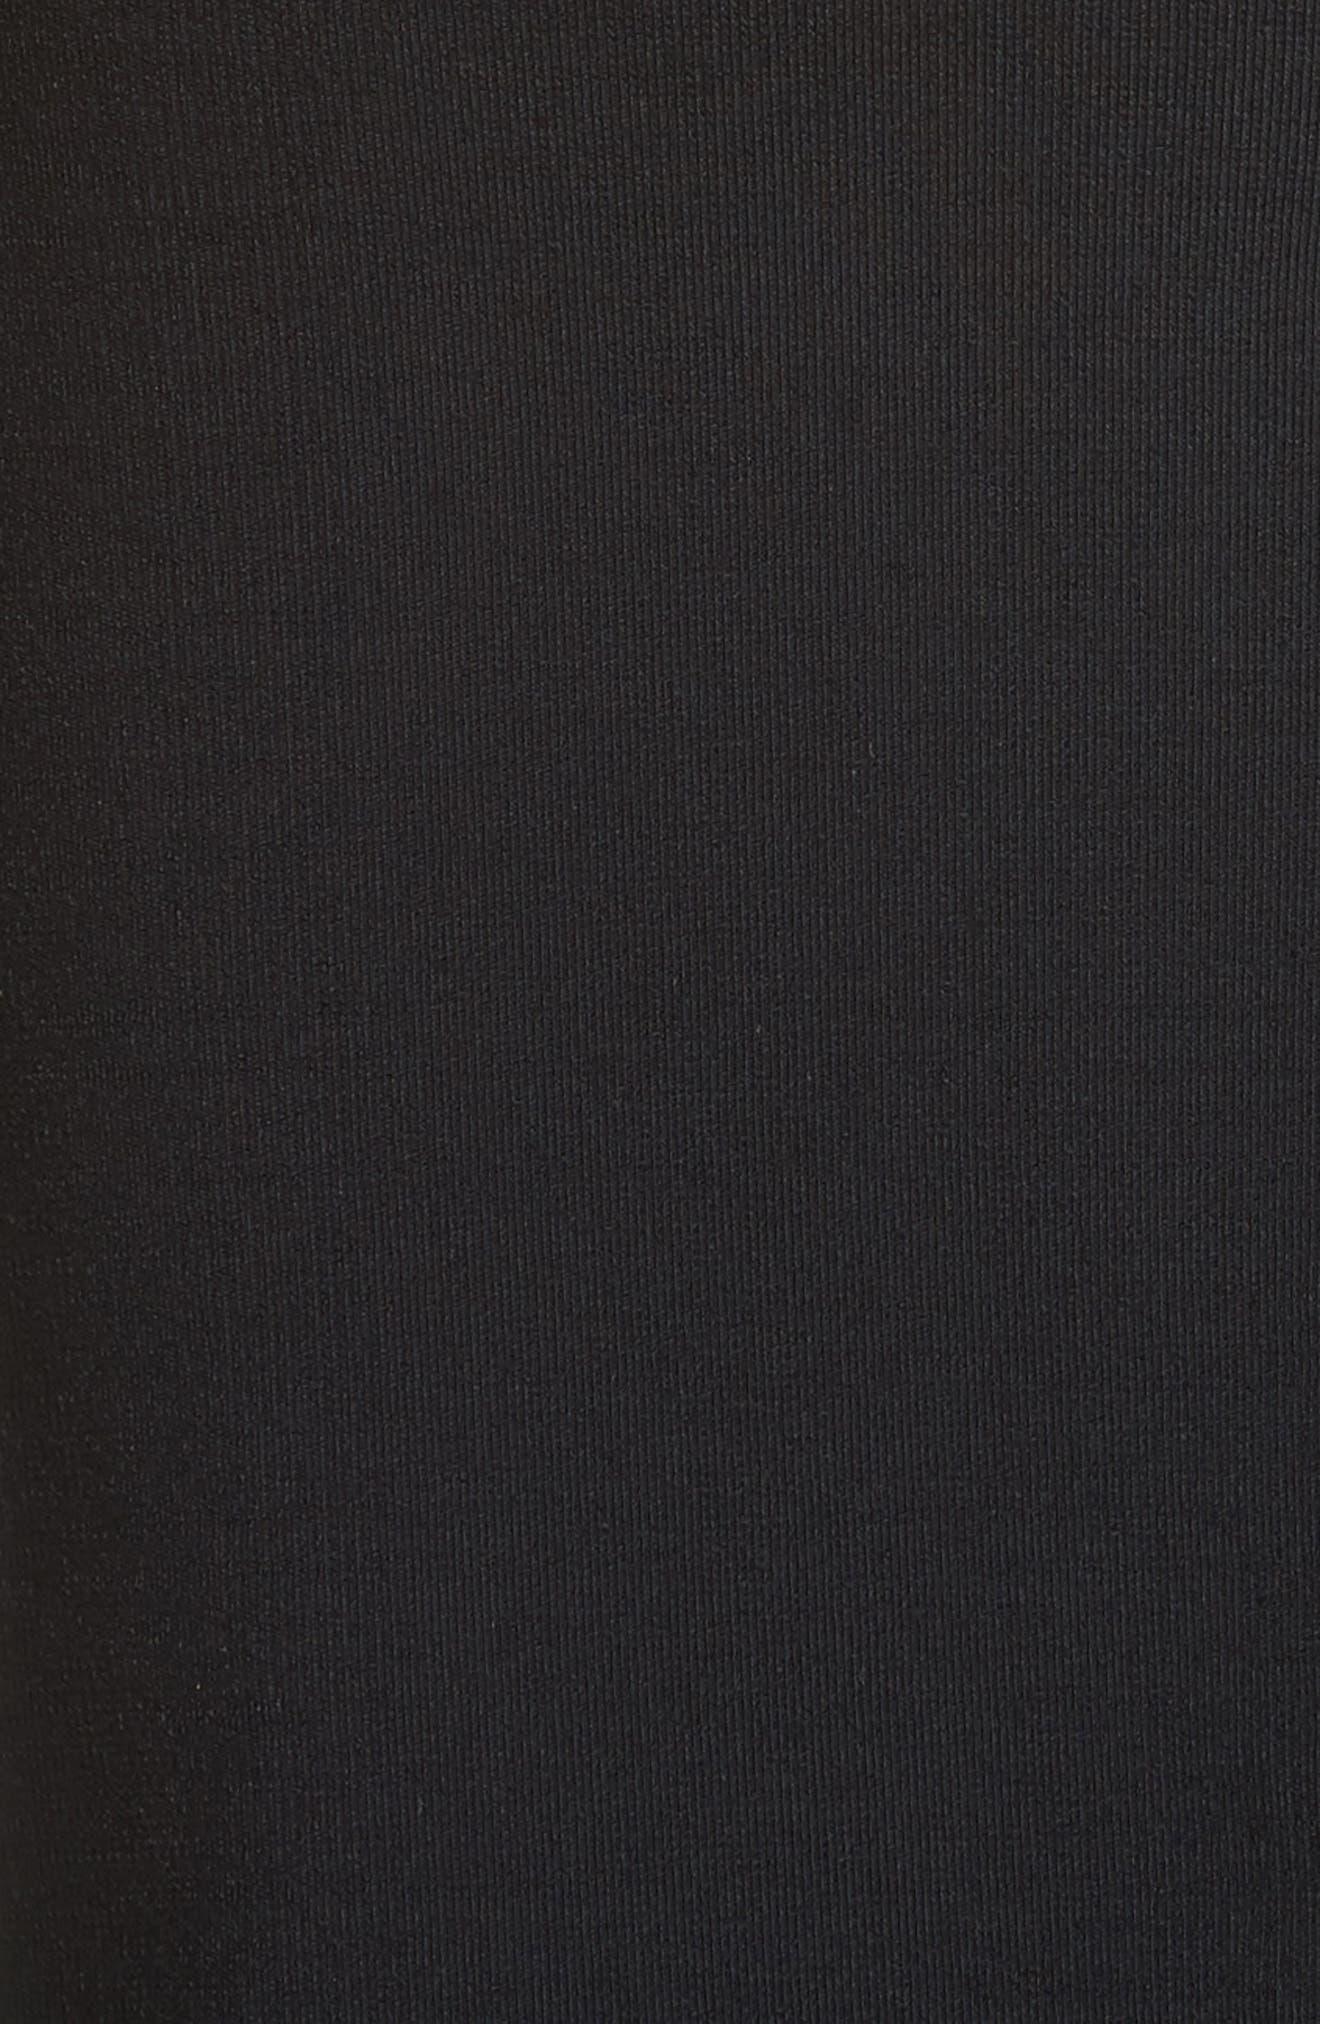 Knit Shell,                             Alternate thumbnail 10, color,                             Black